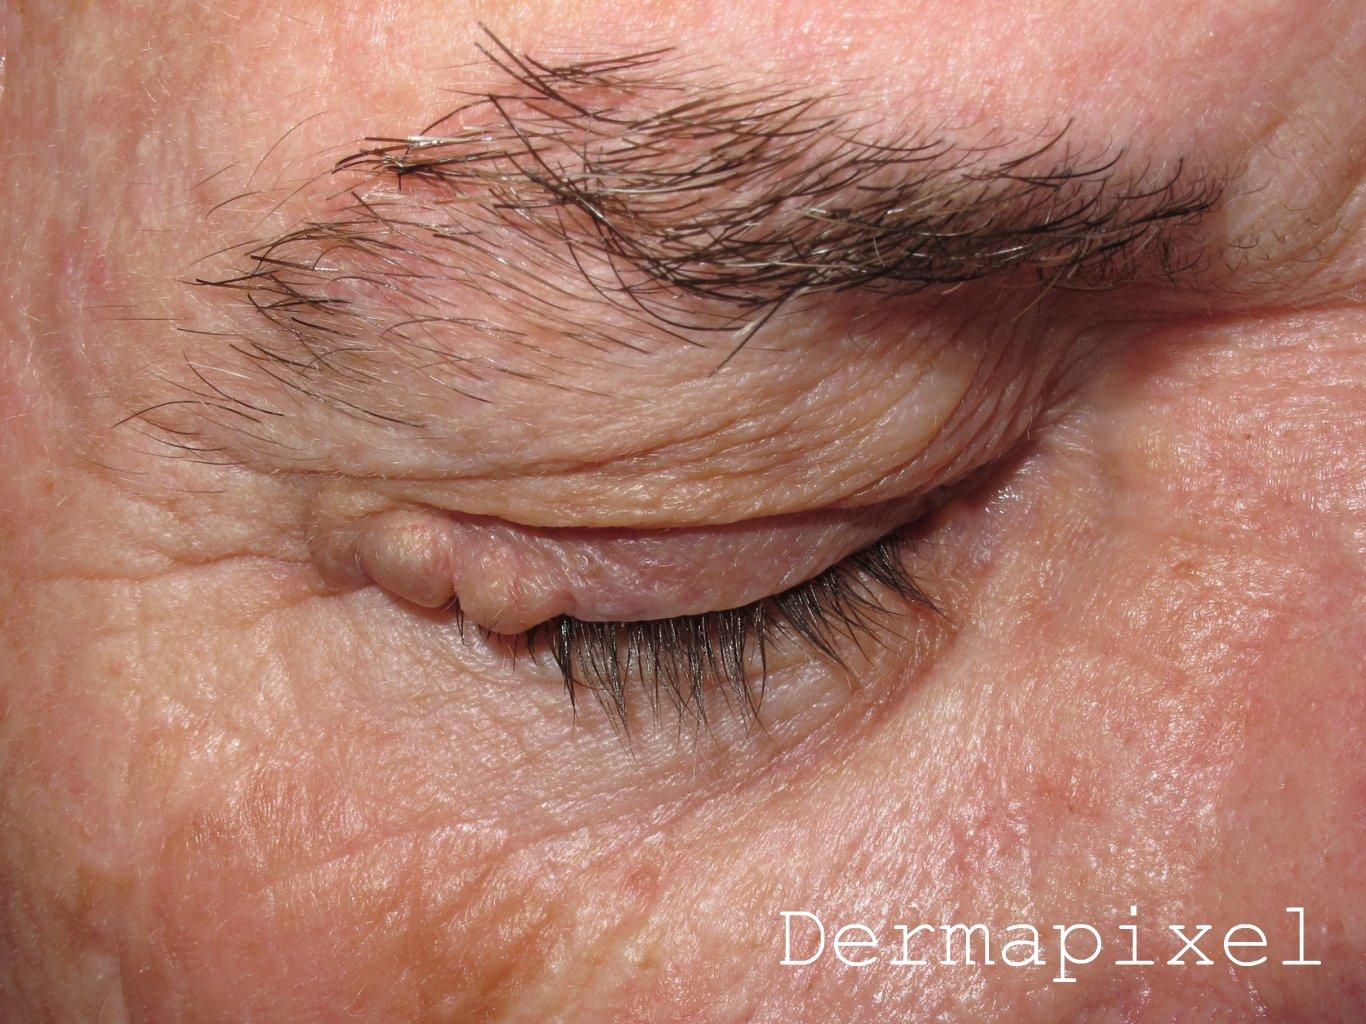 Dermapixel: Unos quistes en los párpados